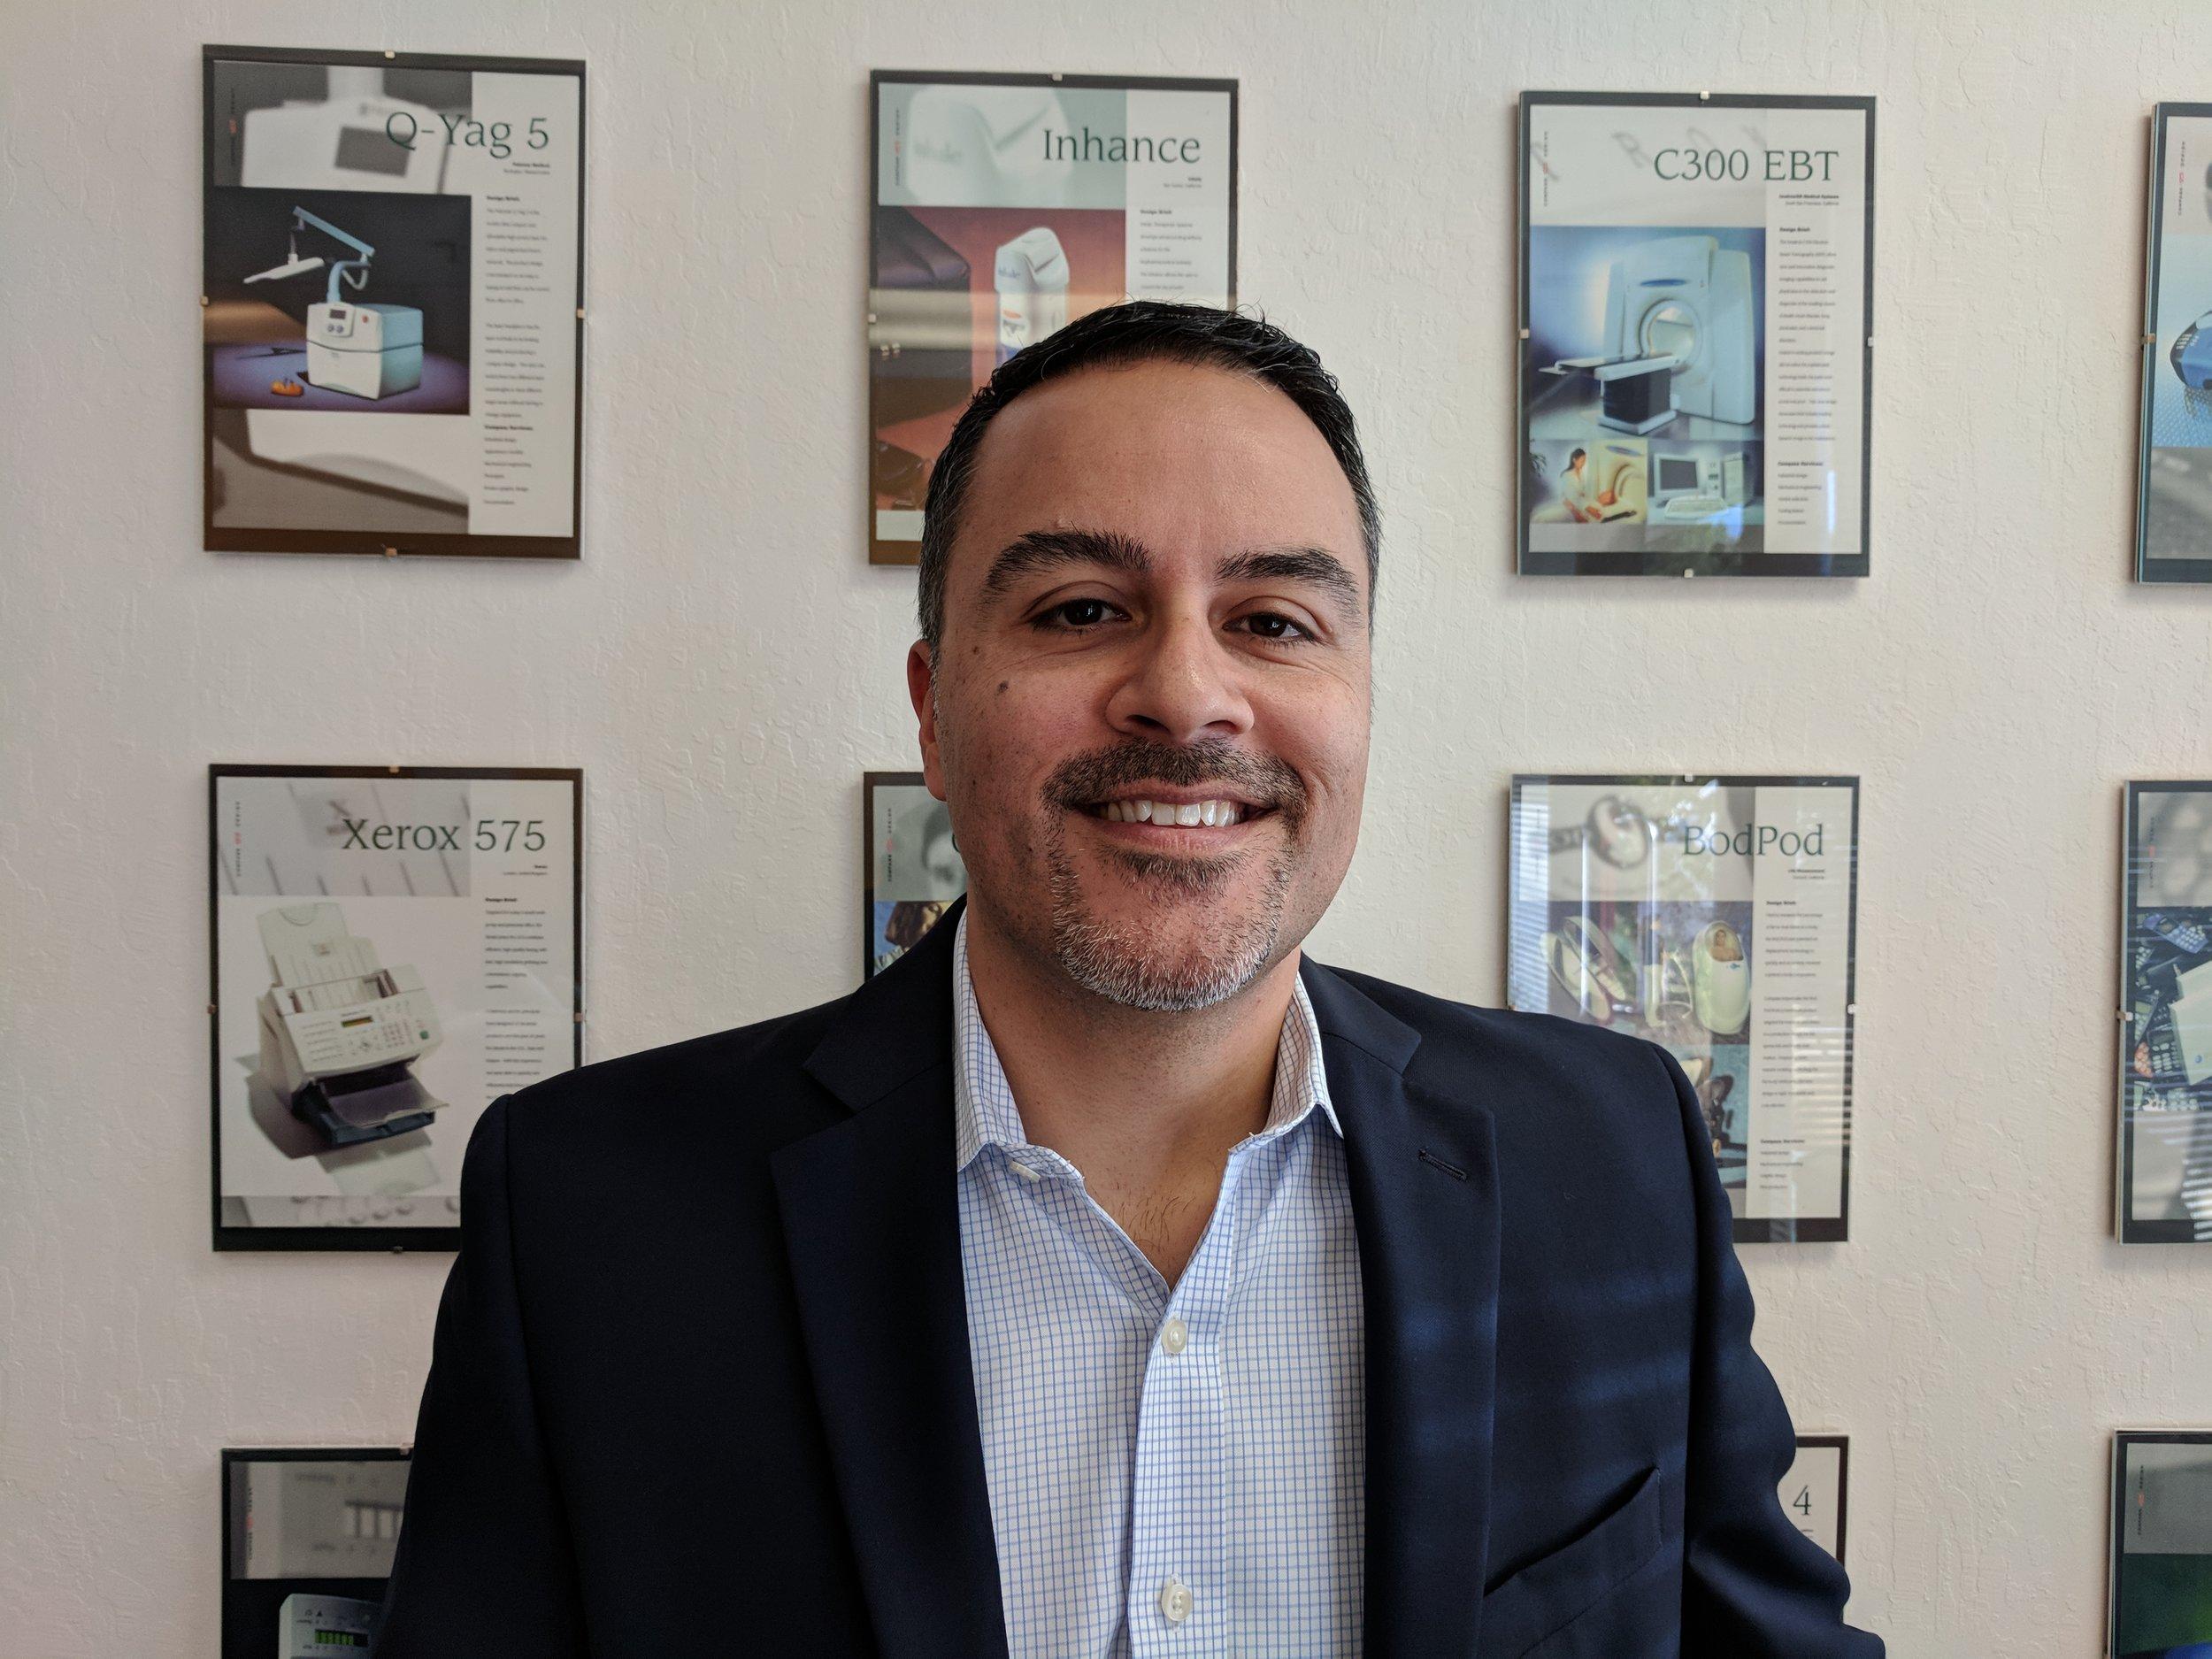 Mustafa Hossaini